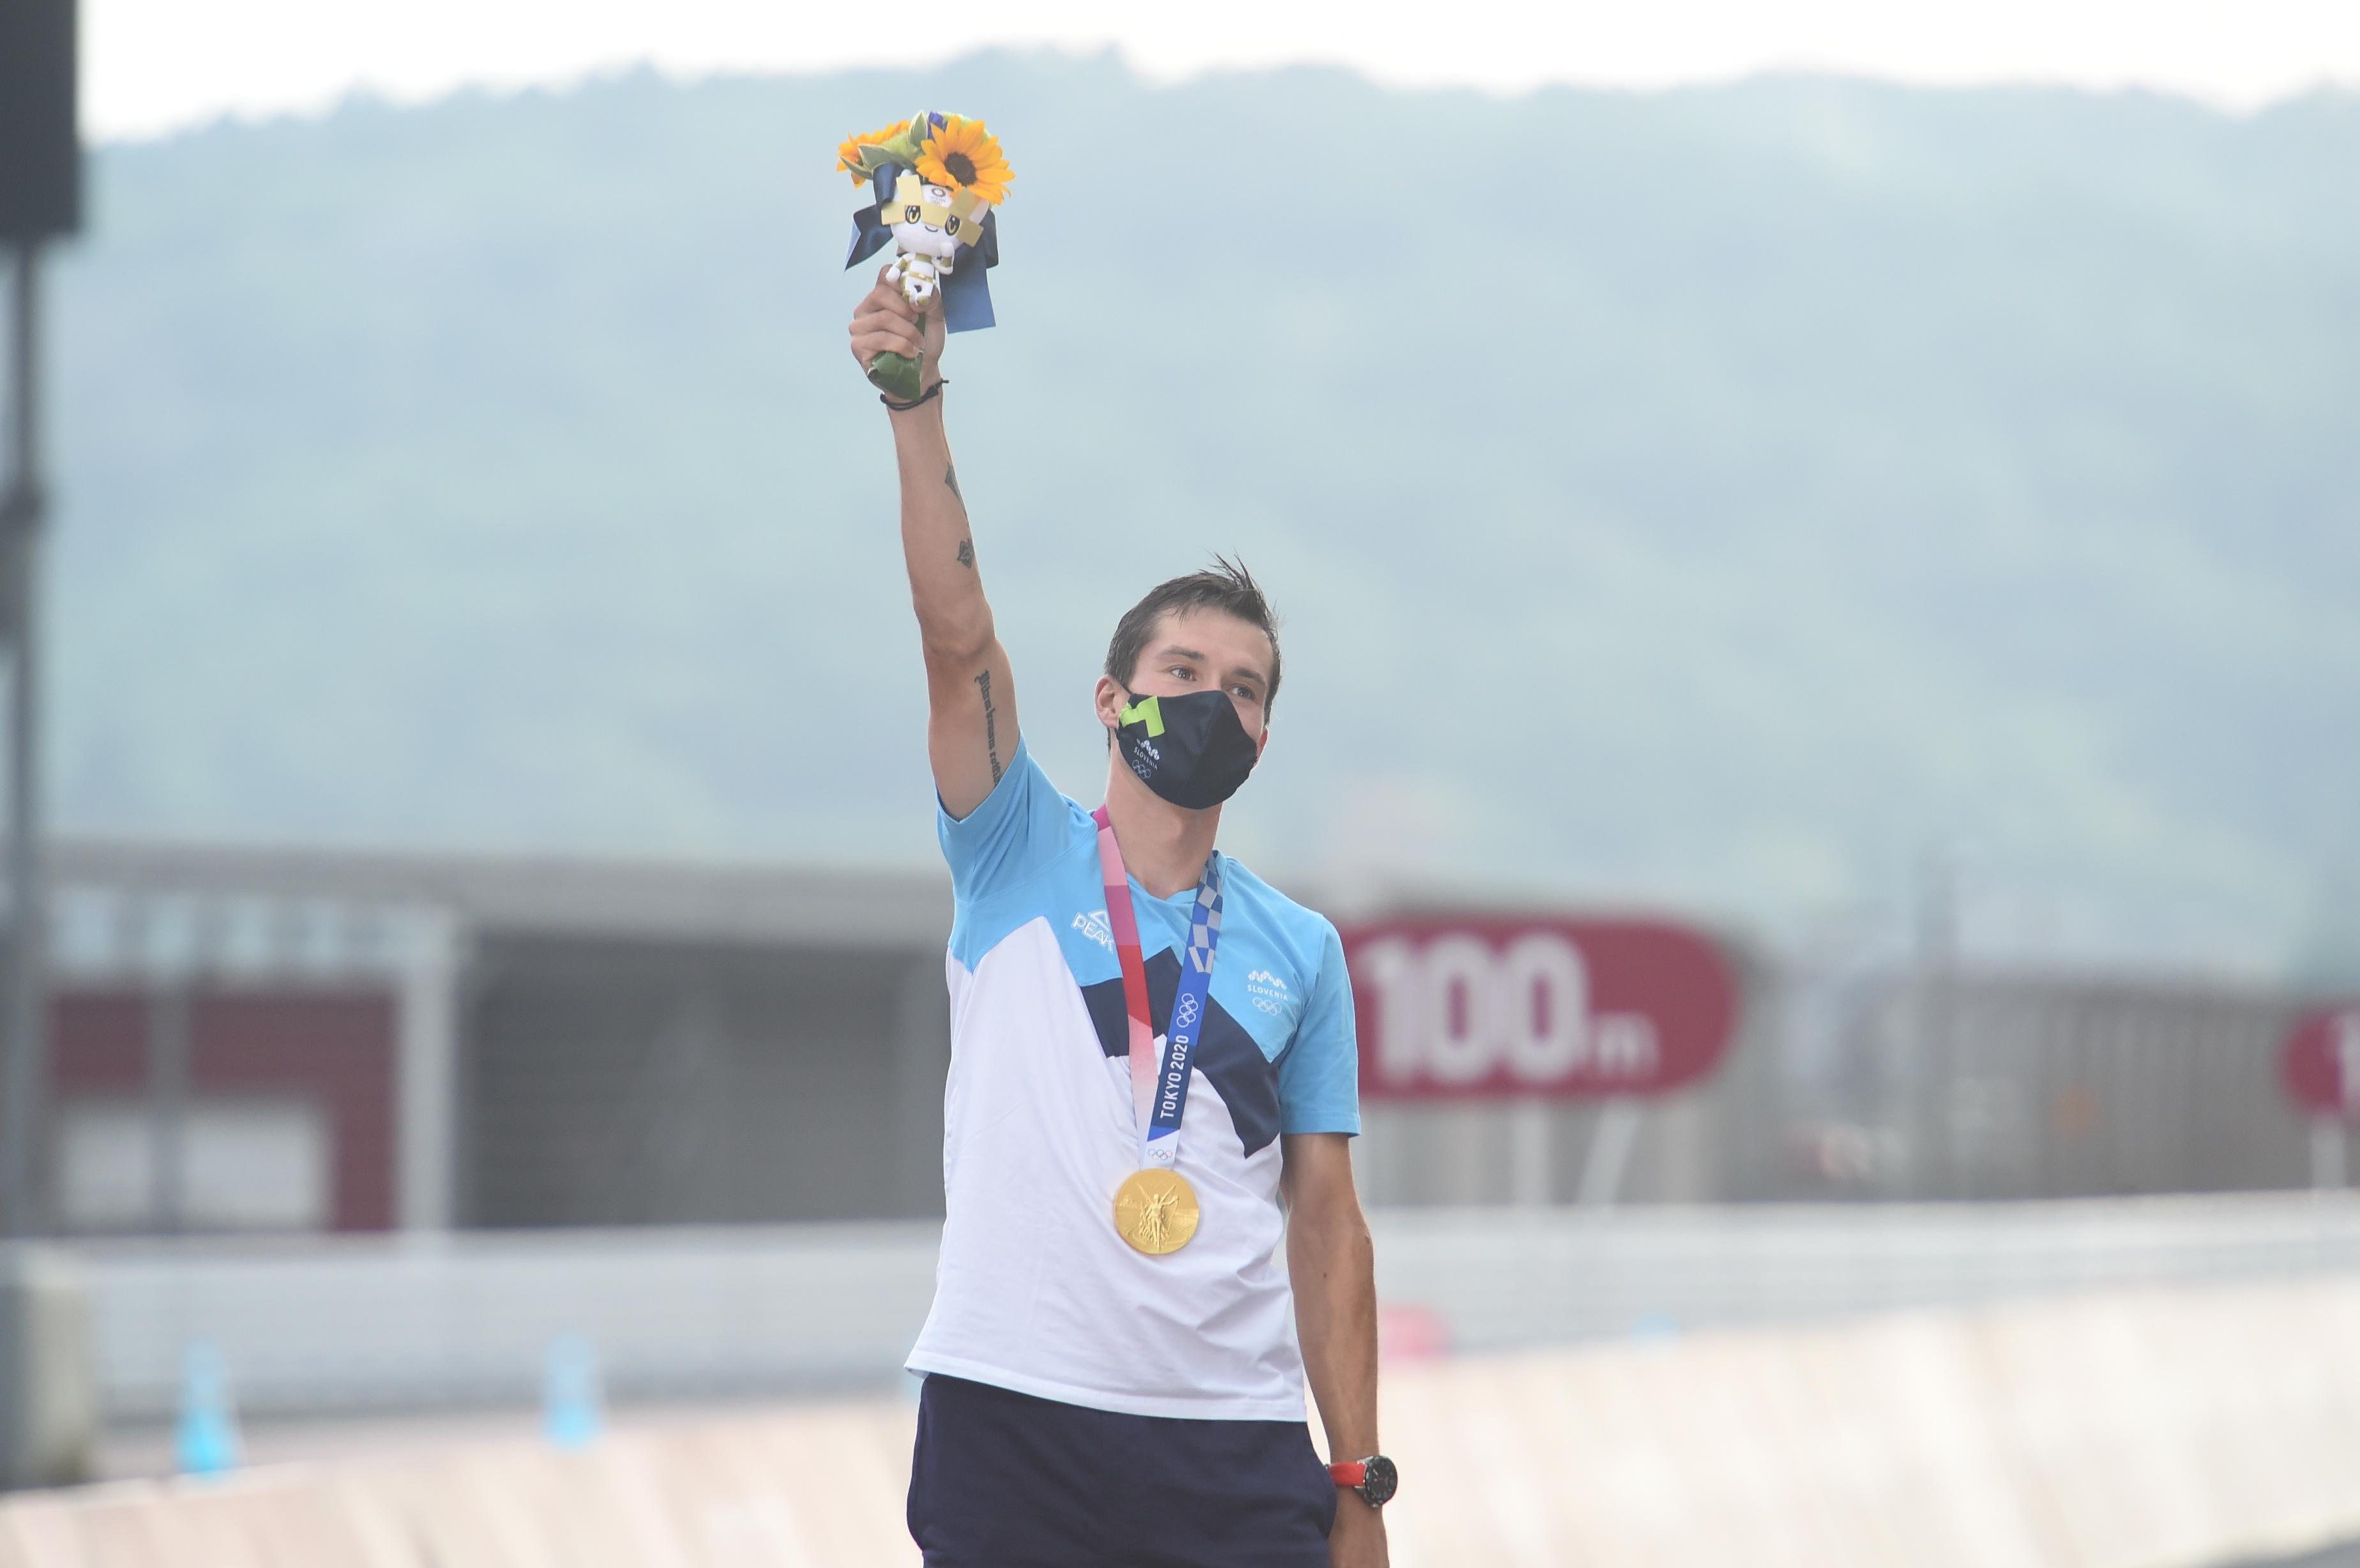 Primož Roglič deklasiral tekmece za naslov olimpijskega prvaka!